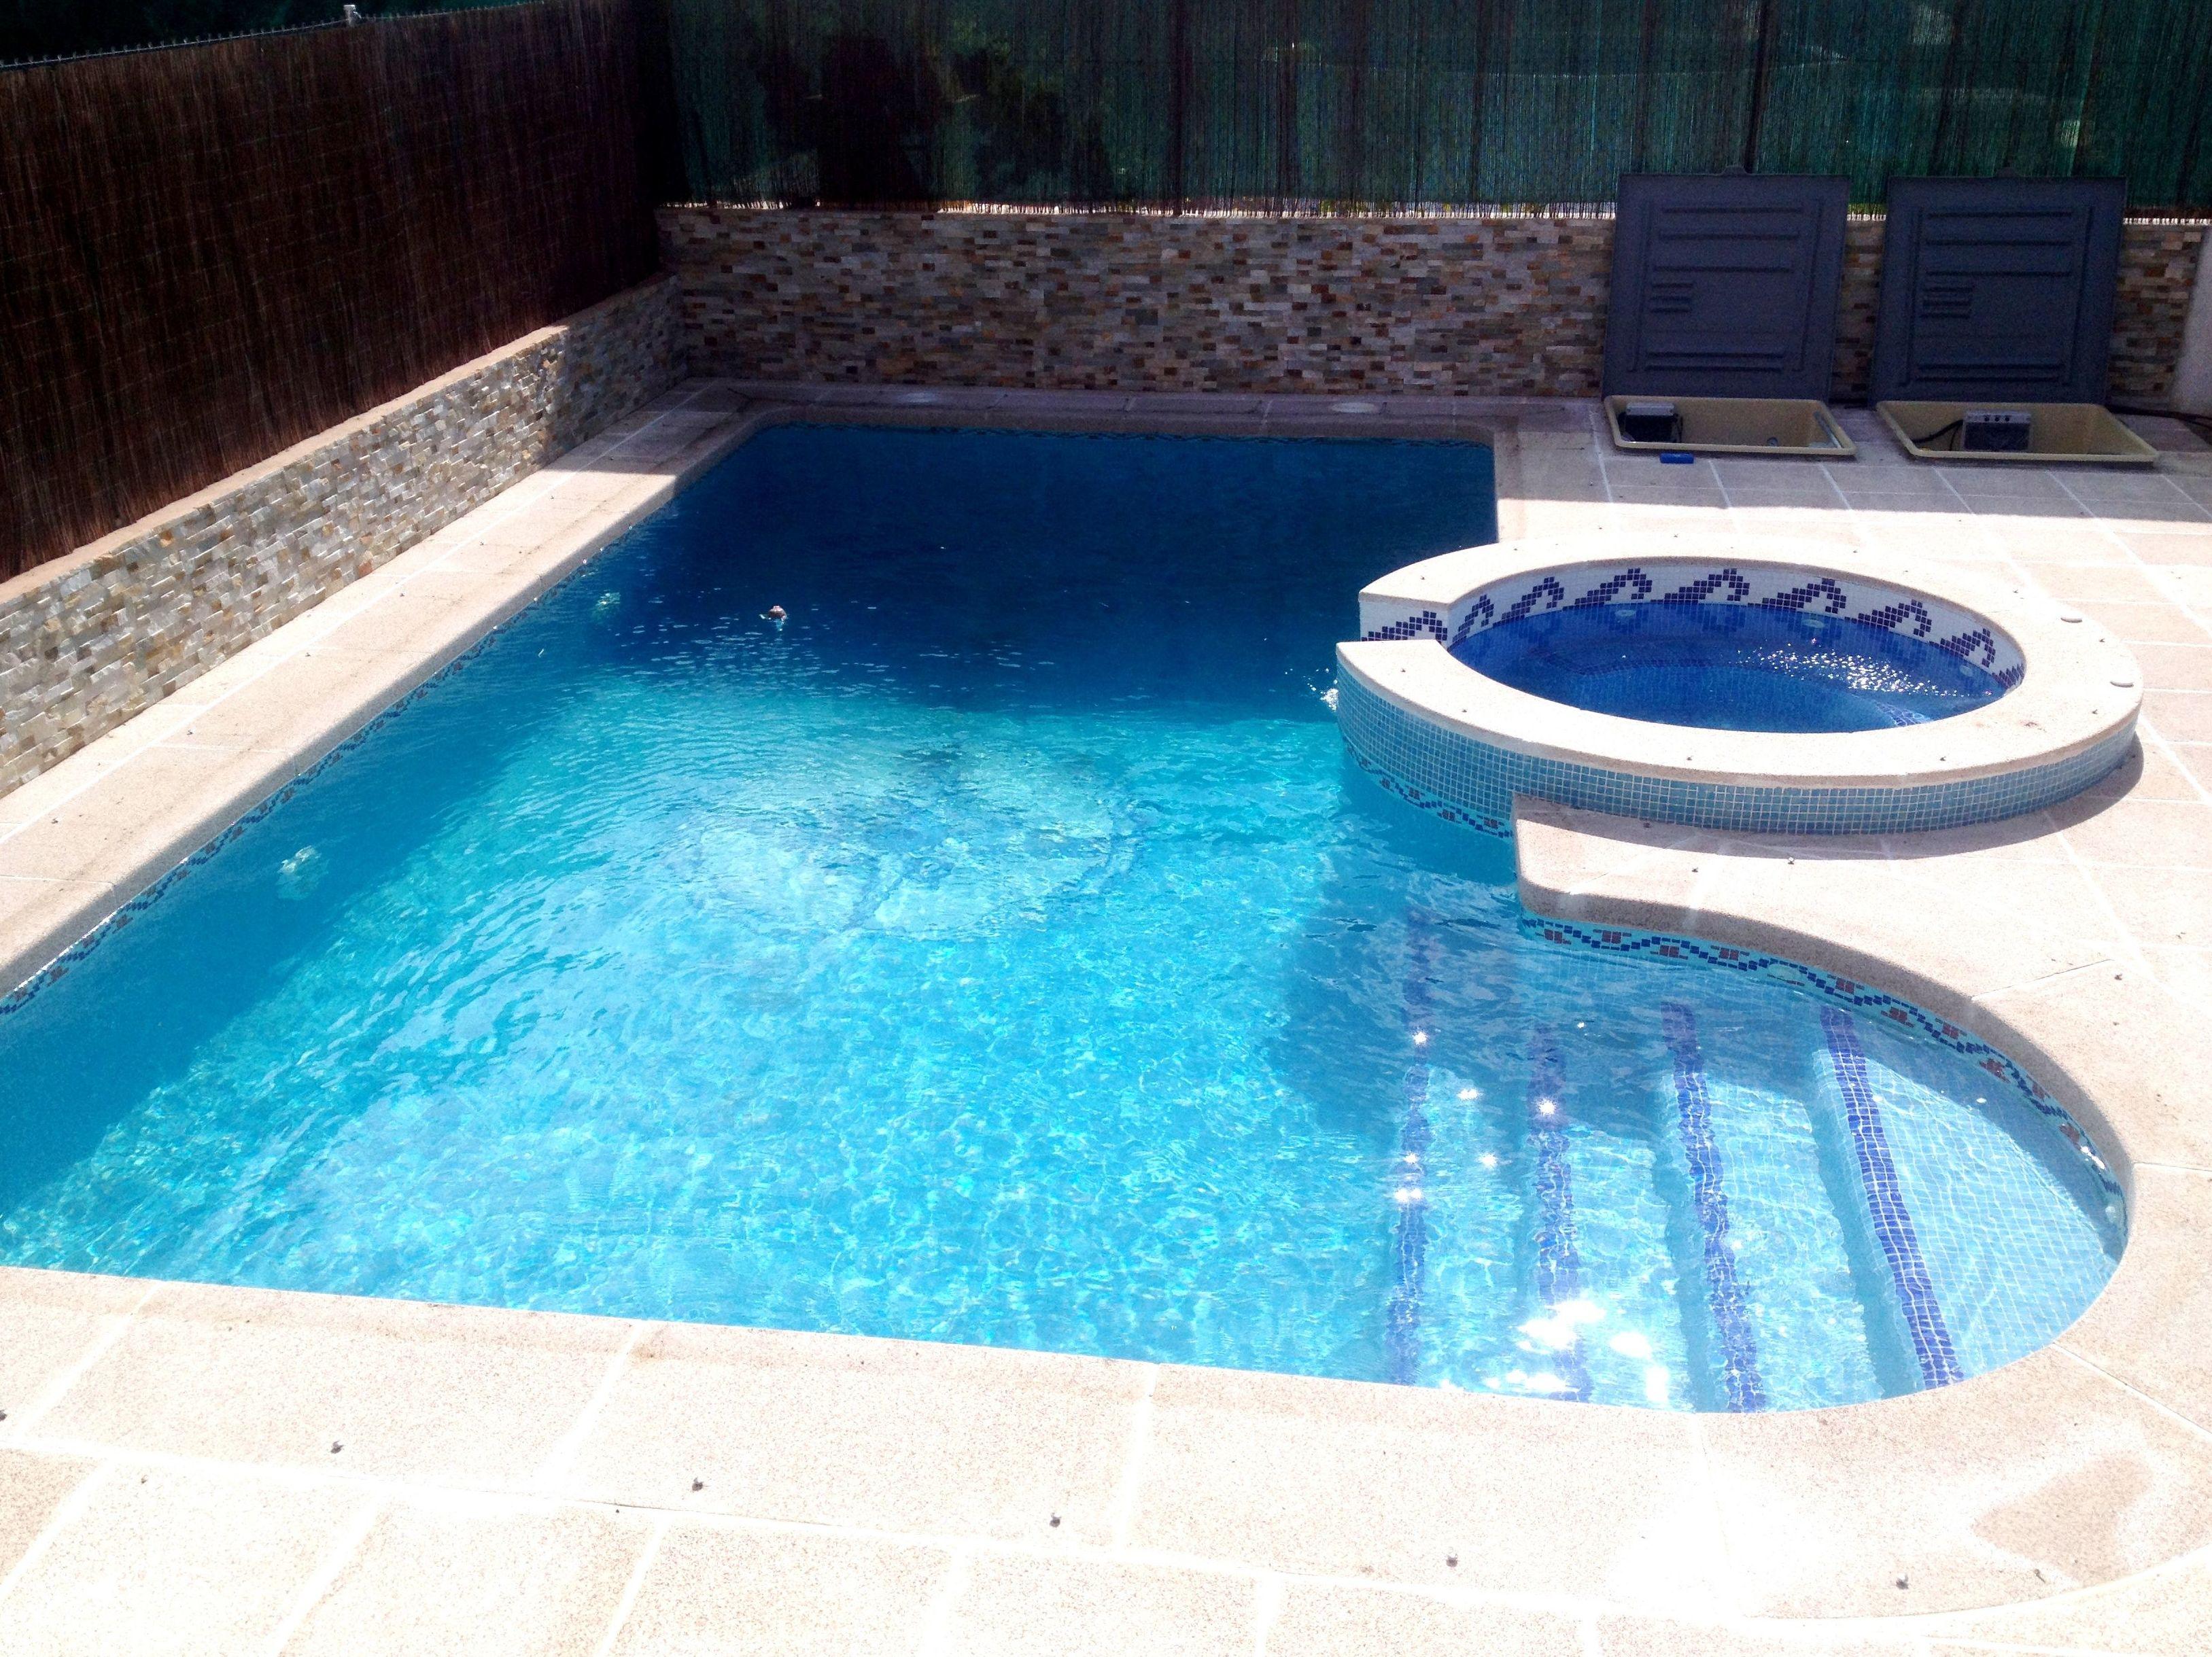 Piscina de obra en madrid for Construccion de piscinas de obra en madrid